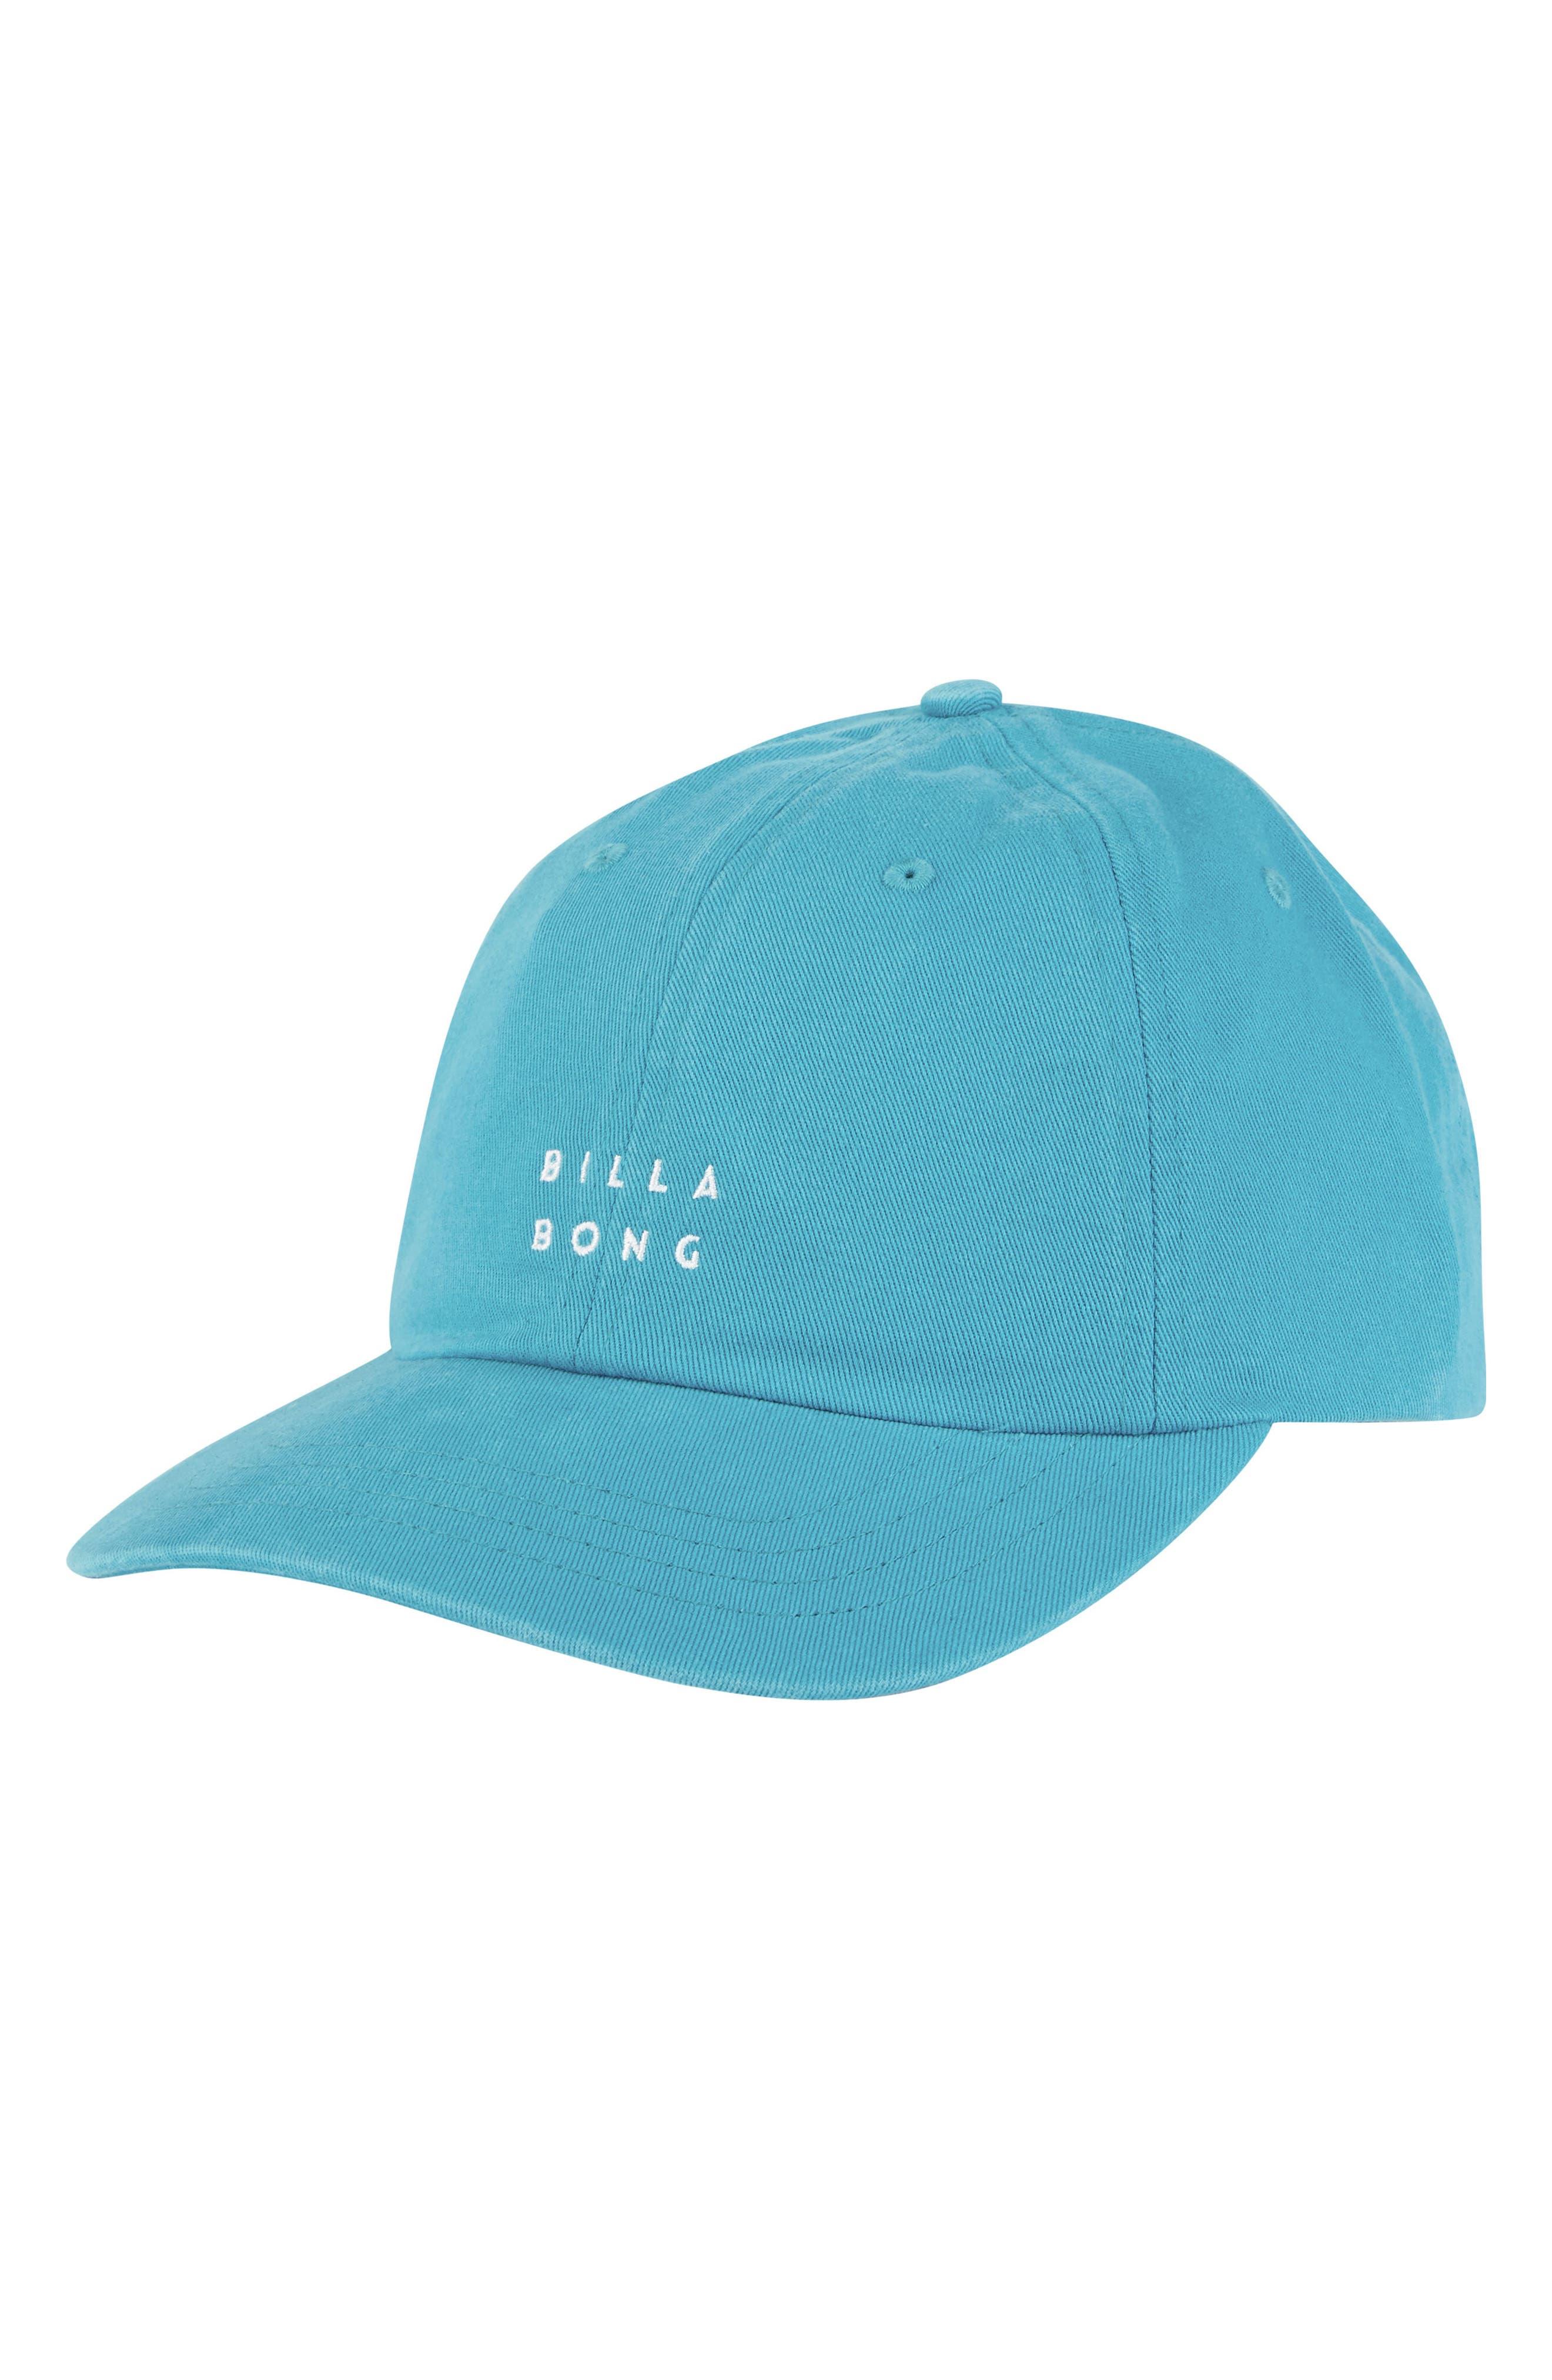 Die Cut Lad Hat,                         Main,                         color, Turquoise